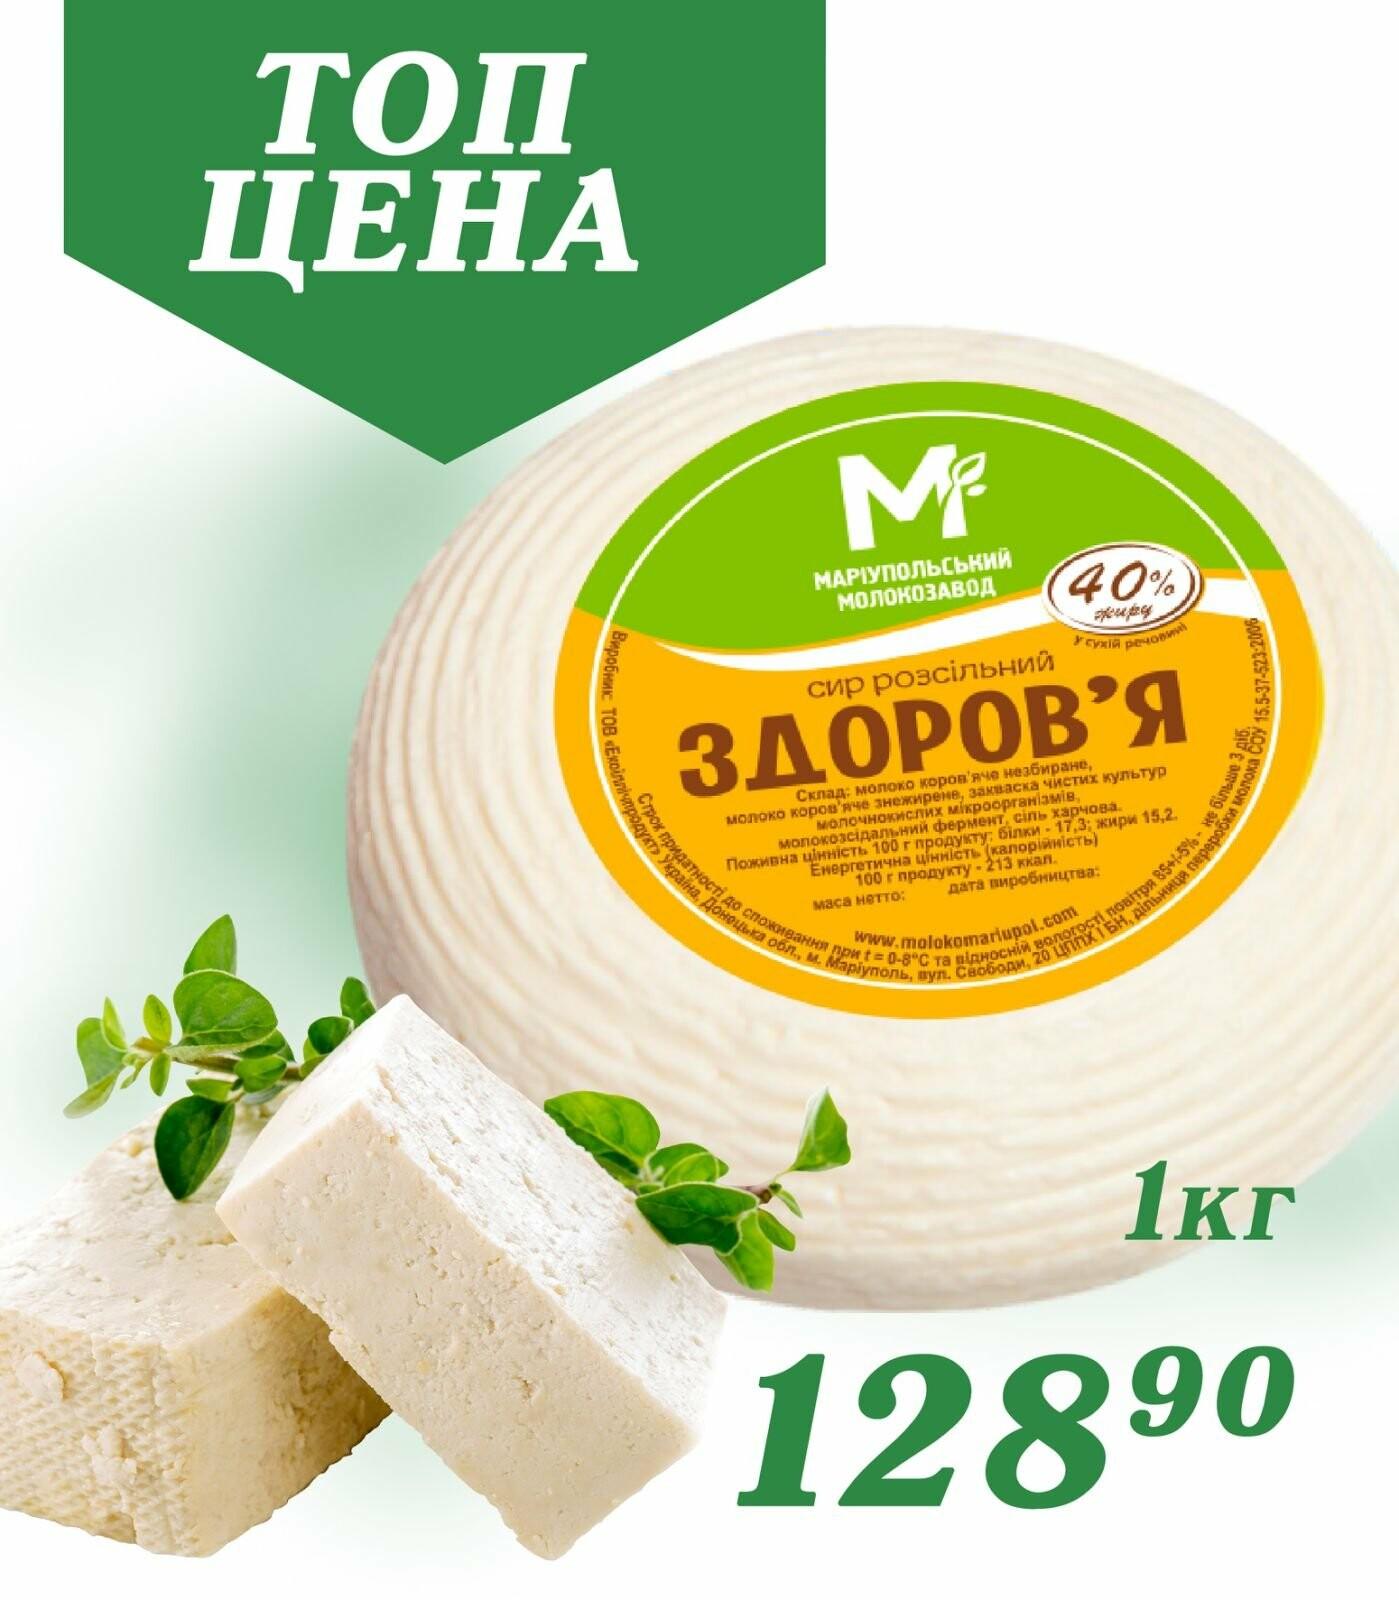 «Мариупольский молокозавод» делится секретом здоровья, фото-2